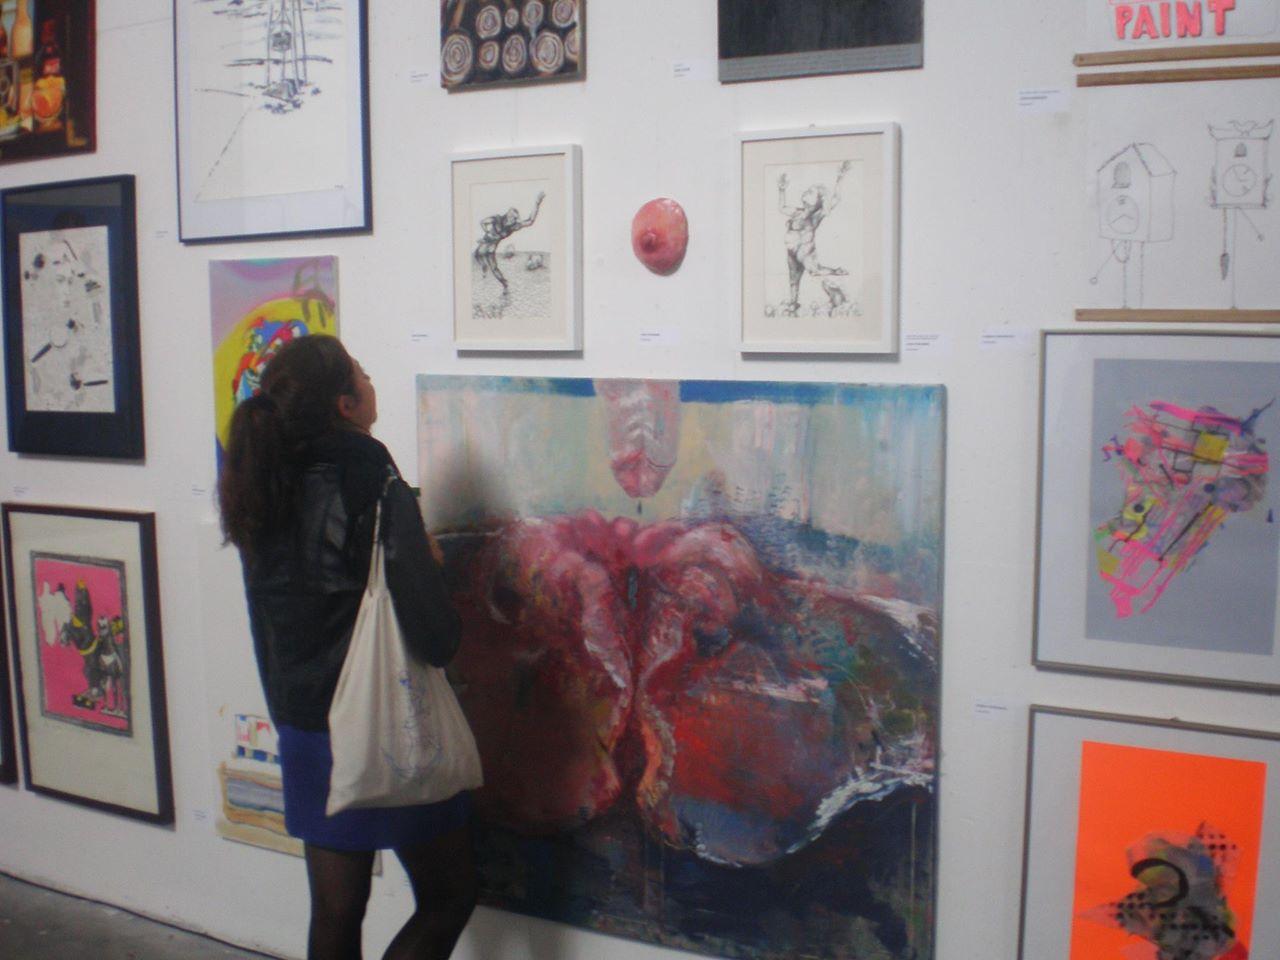 Ausstellung-Berlin-Klondyke-17-September-2012